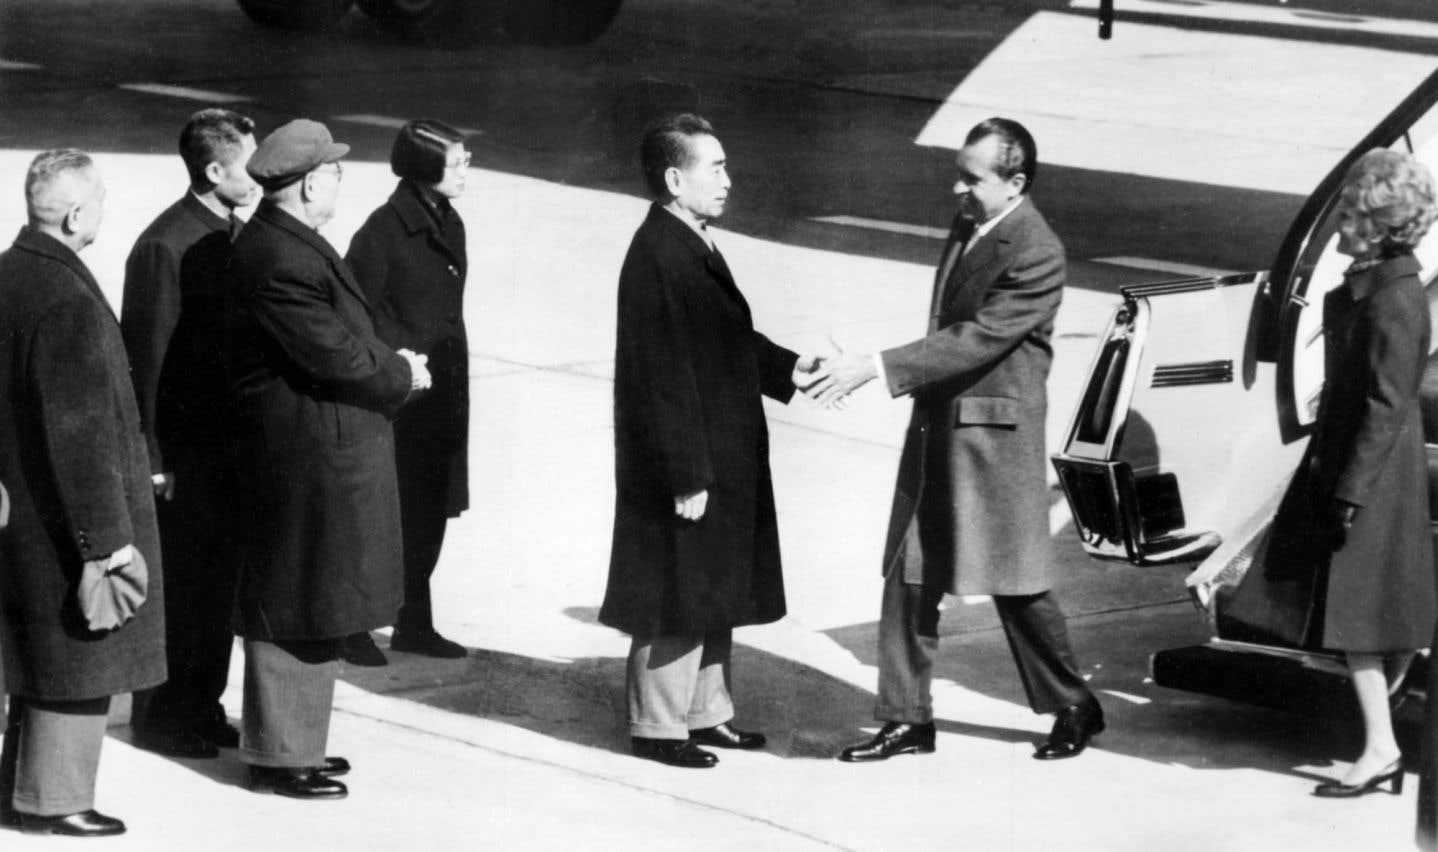 Le 21 février 1972, le jour où Nixon fut accueilli à Pékin par Zhou Enlai, la CIA a noté consciencieusement quels responsables chinois étaient présents à quel événement, révèlent les documents.